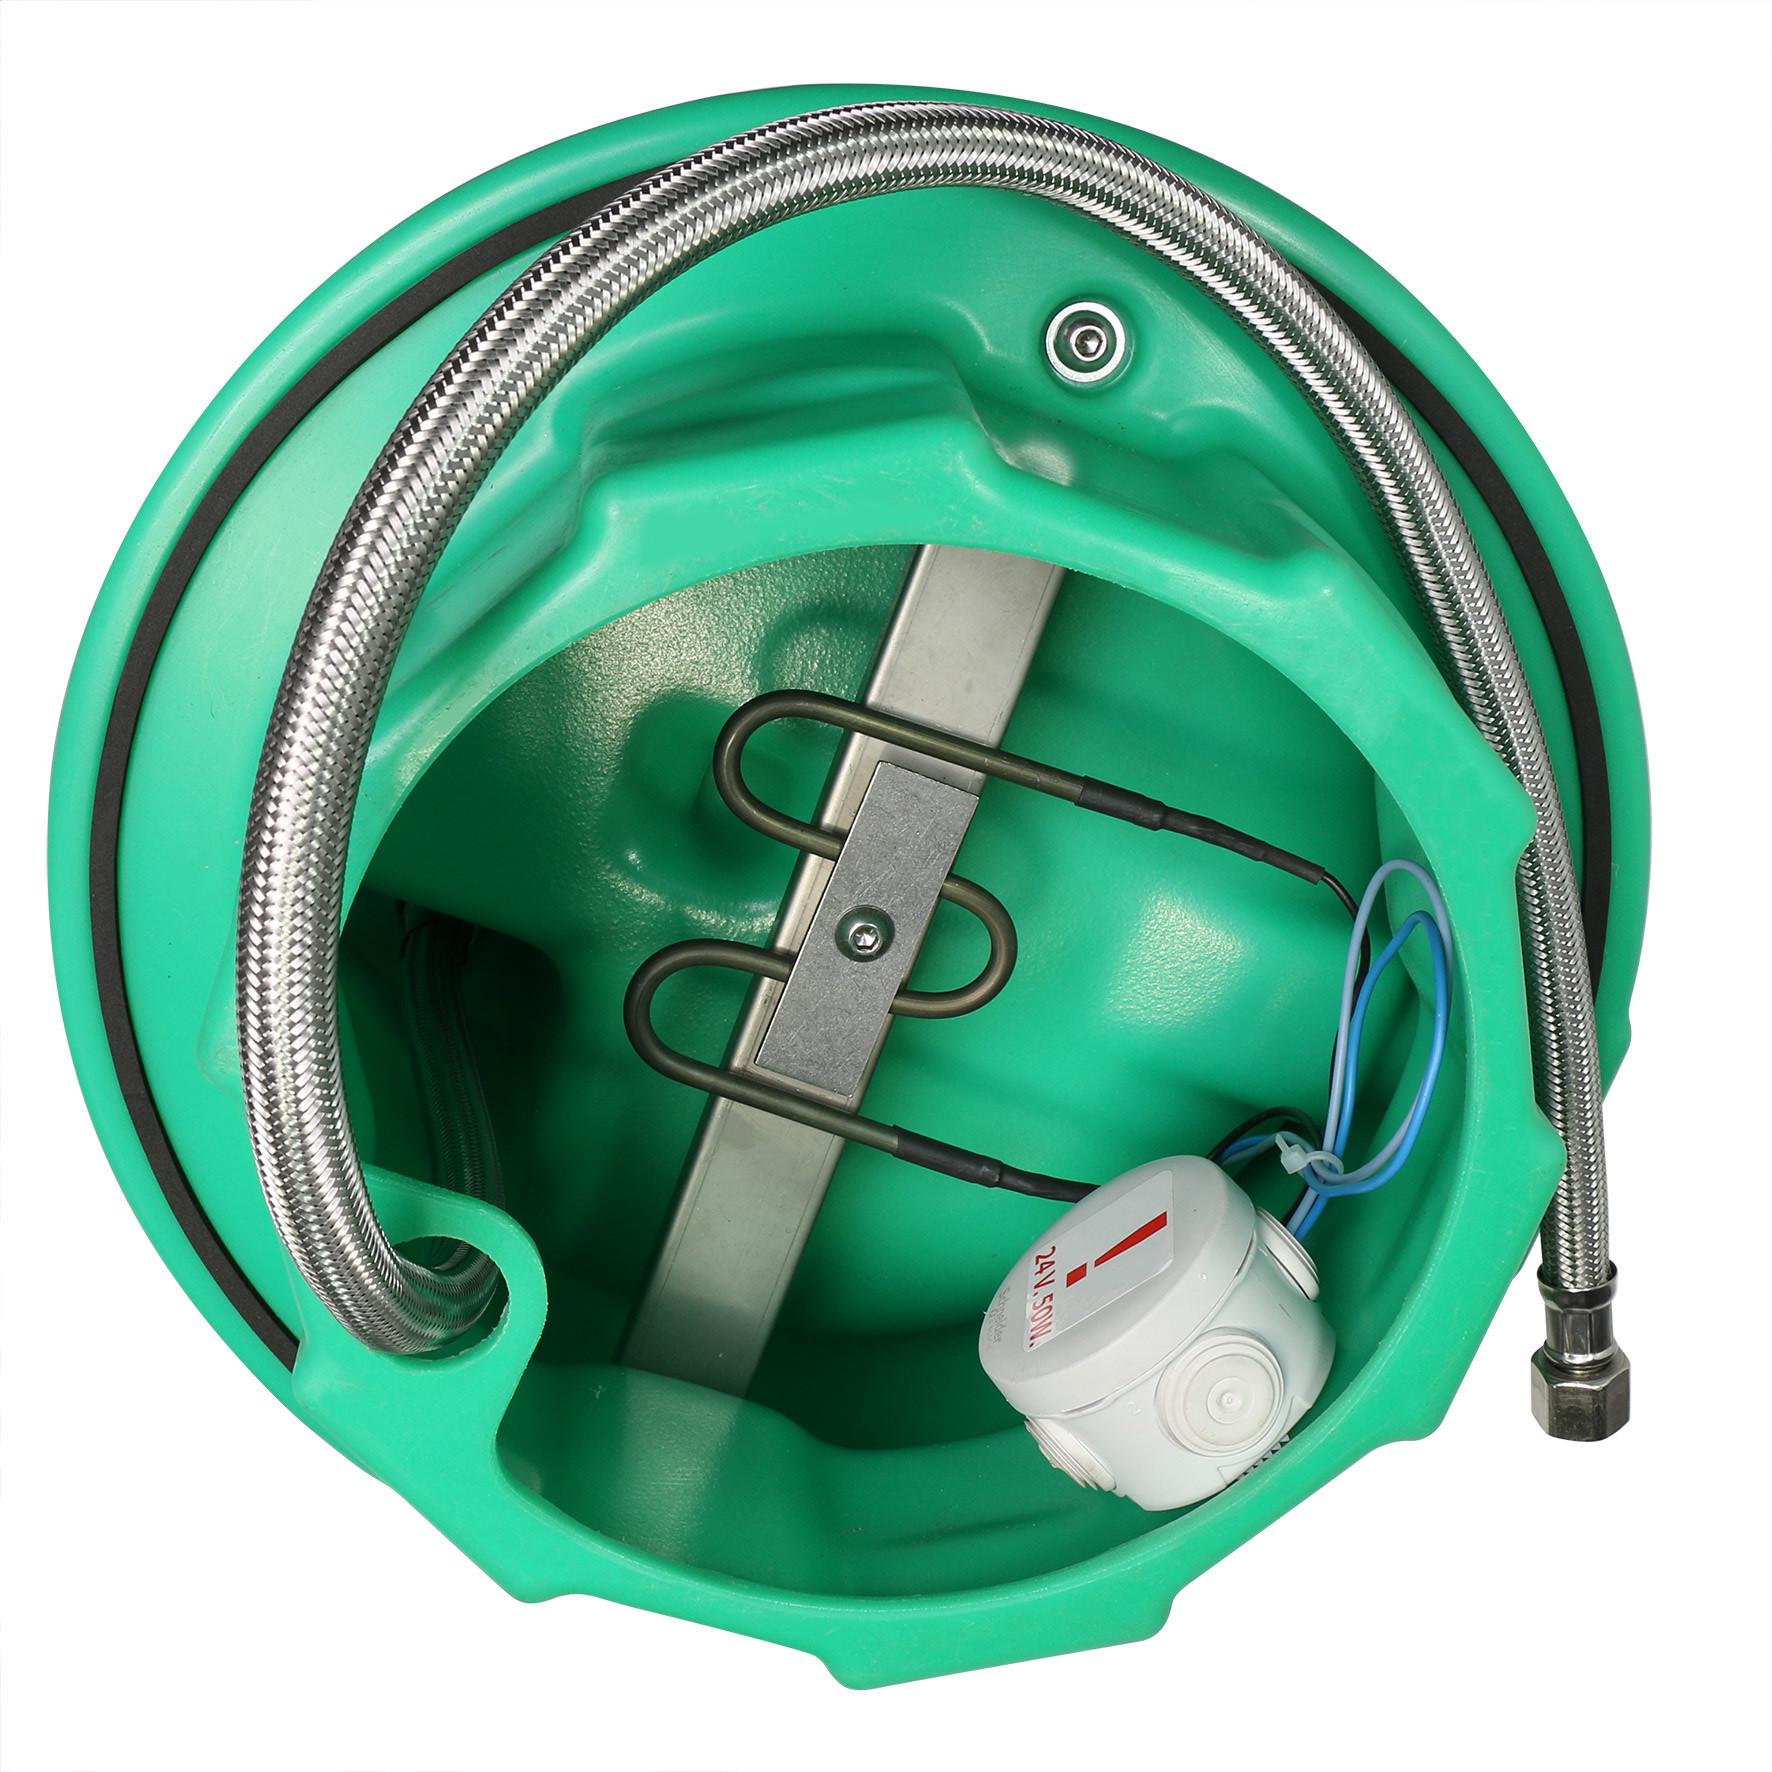 50W / 24V Heating